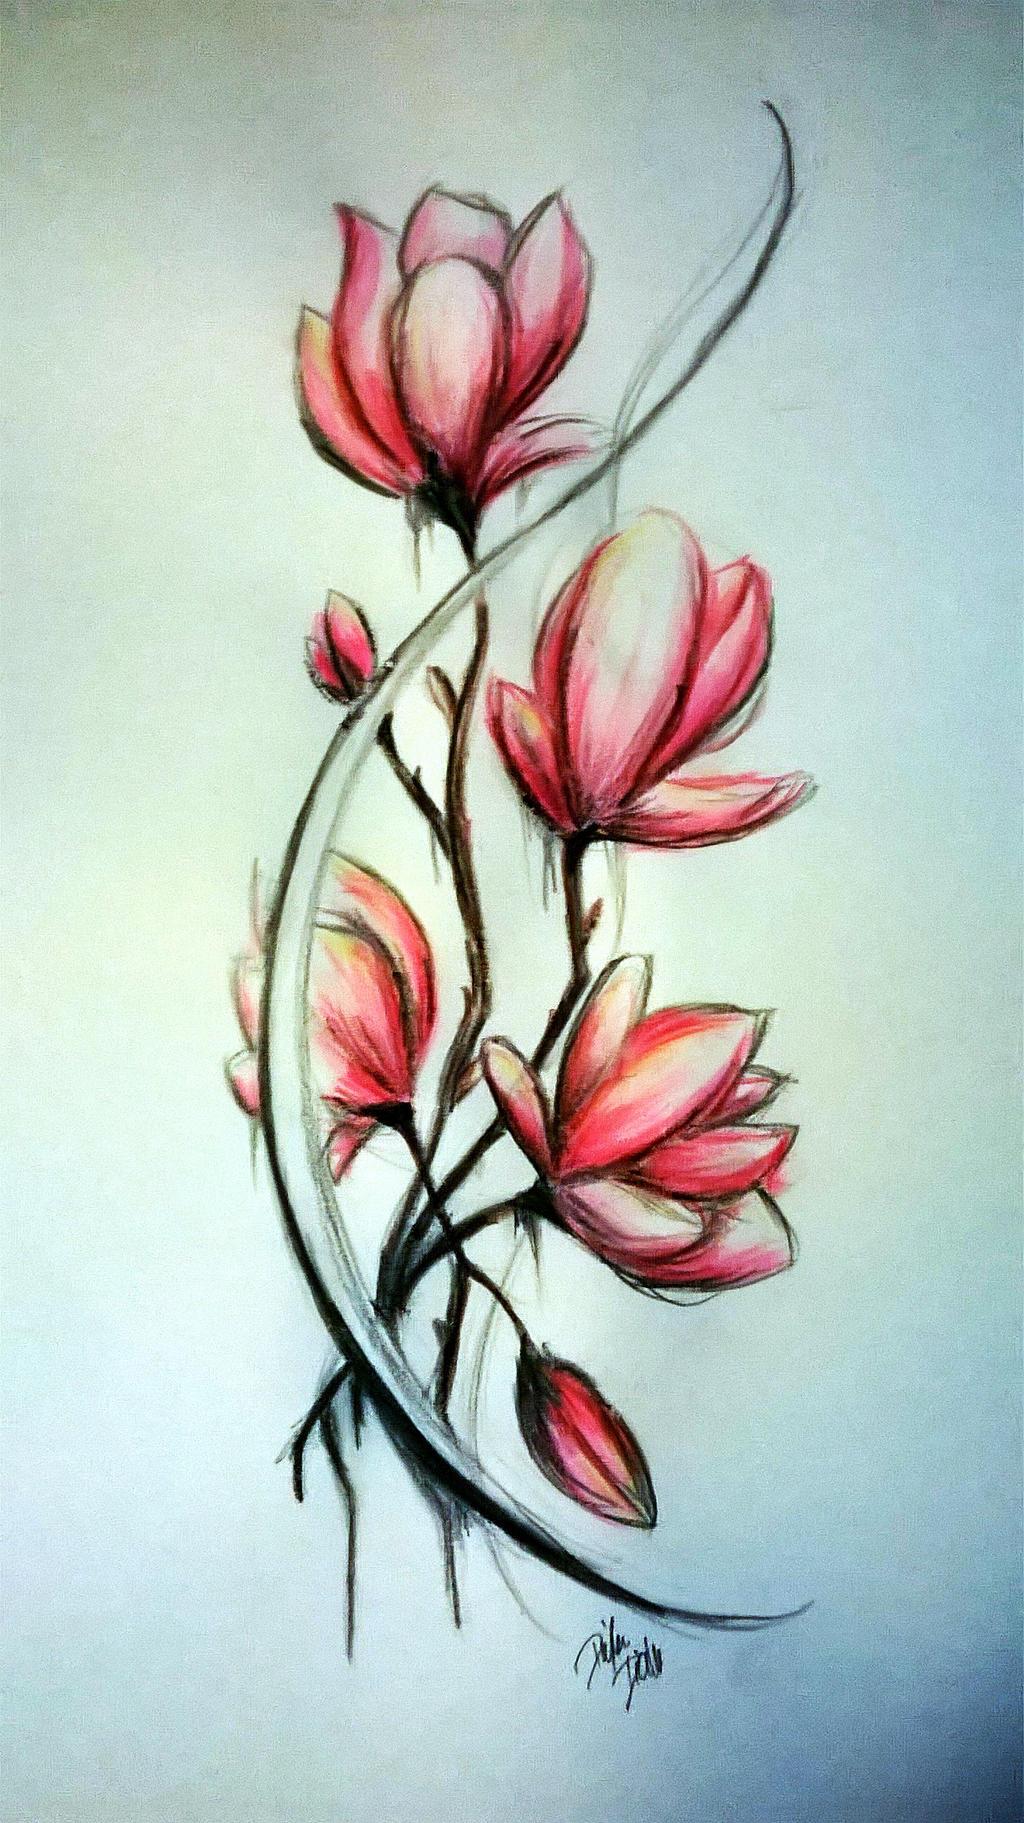 Magnolia sketch by Diuus